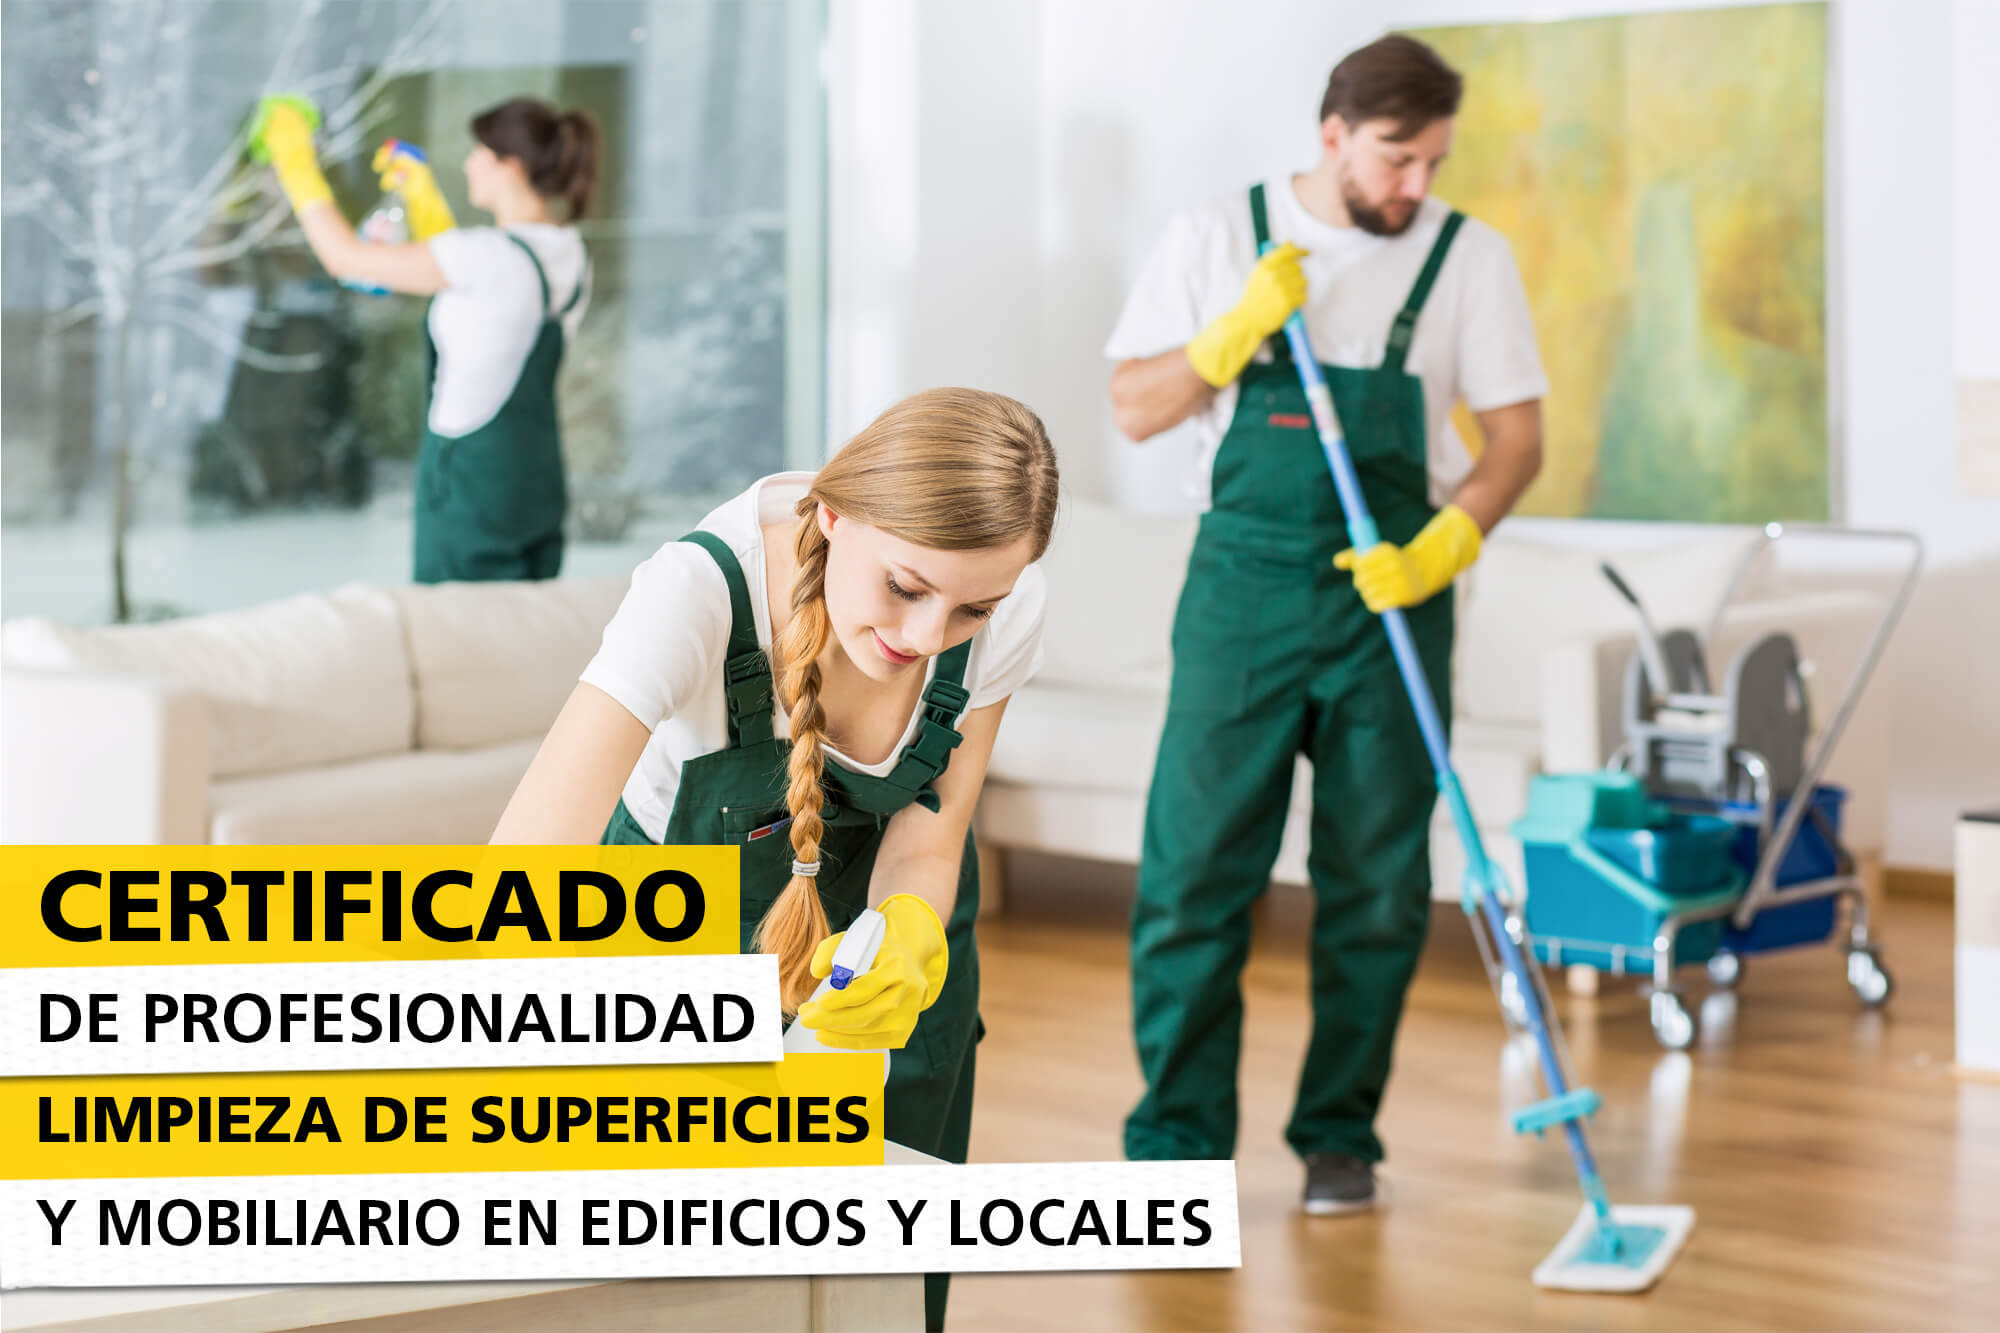 certificado-profesional-limpieza-superficies-mobiliarios-edificios-locales-img-destacada